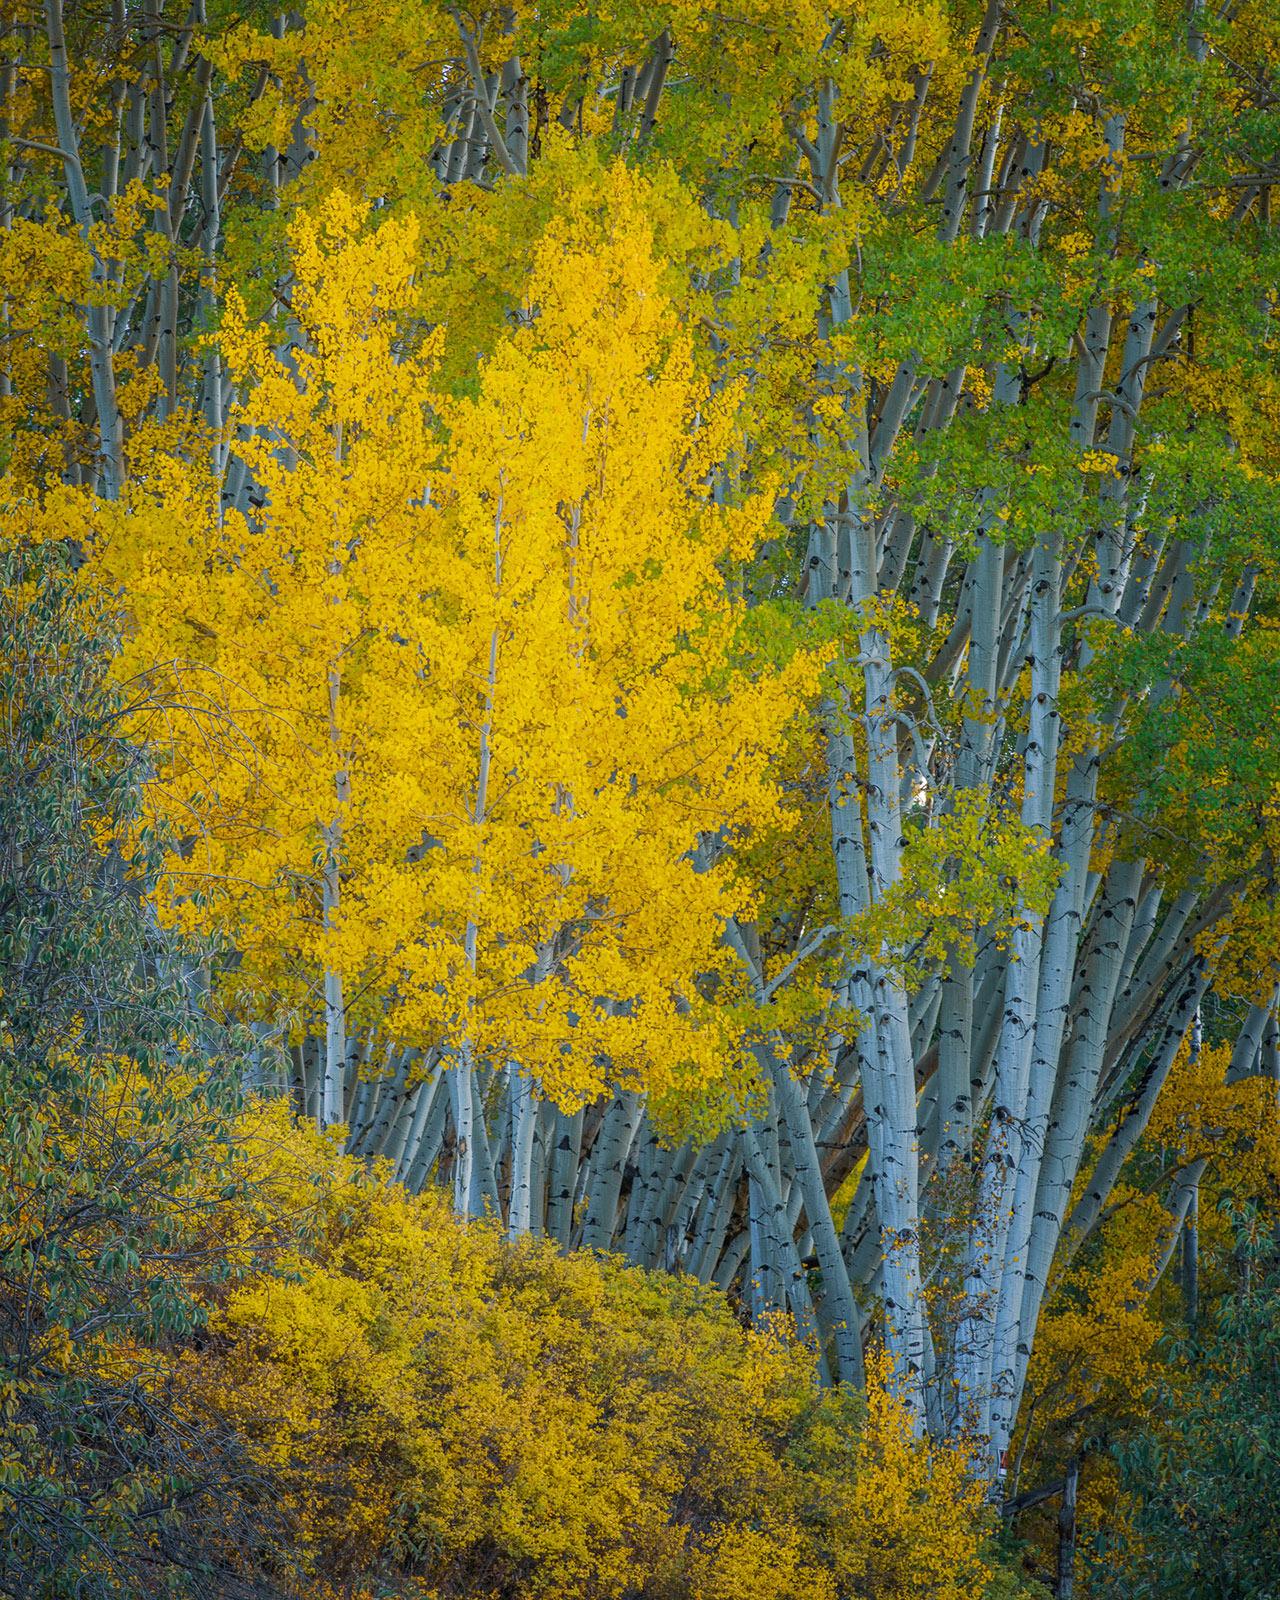 Aspens in full peak autumn color near Telluride, Colorado.